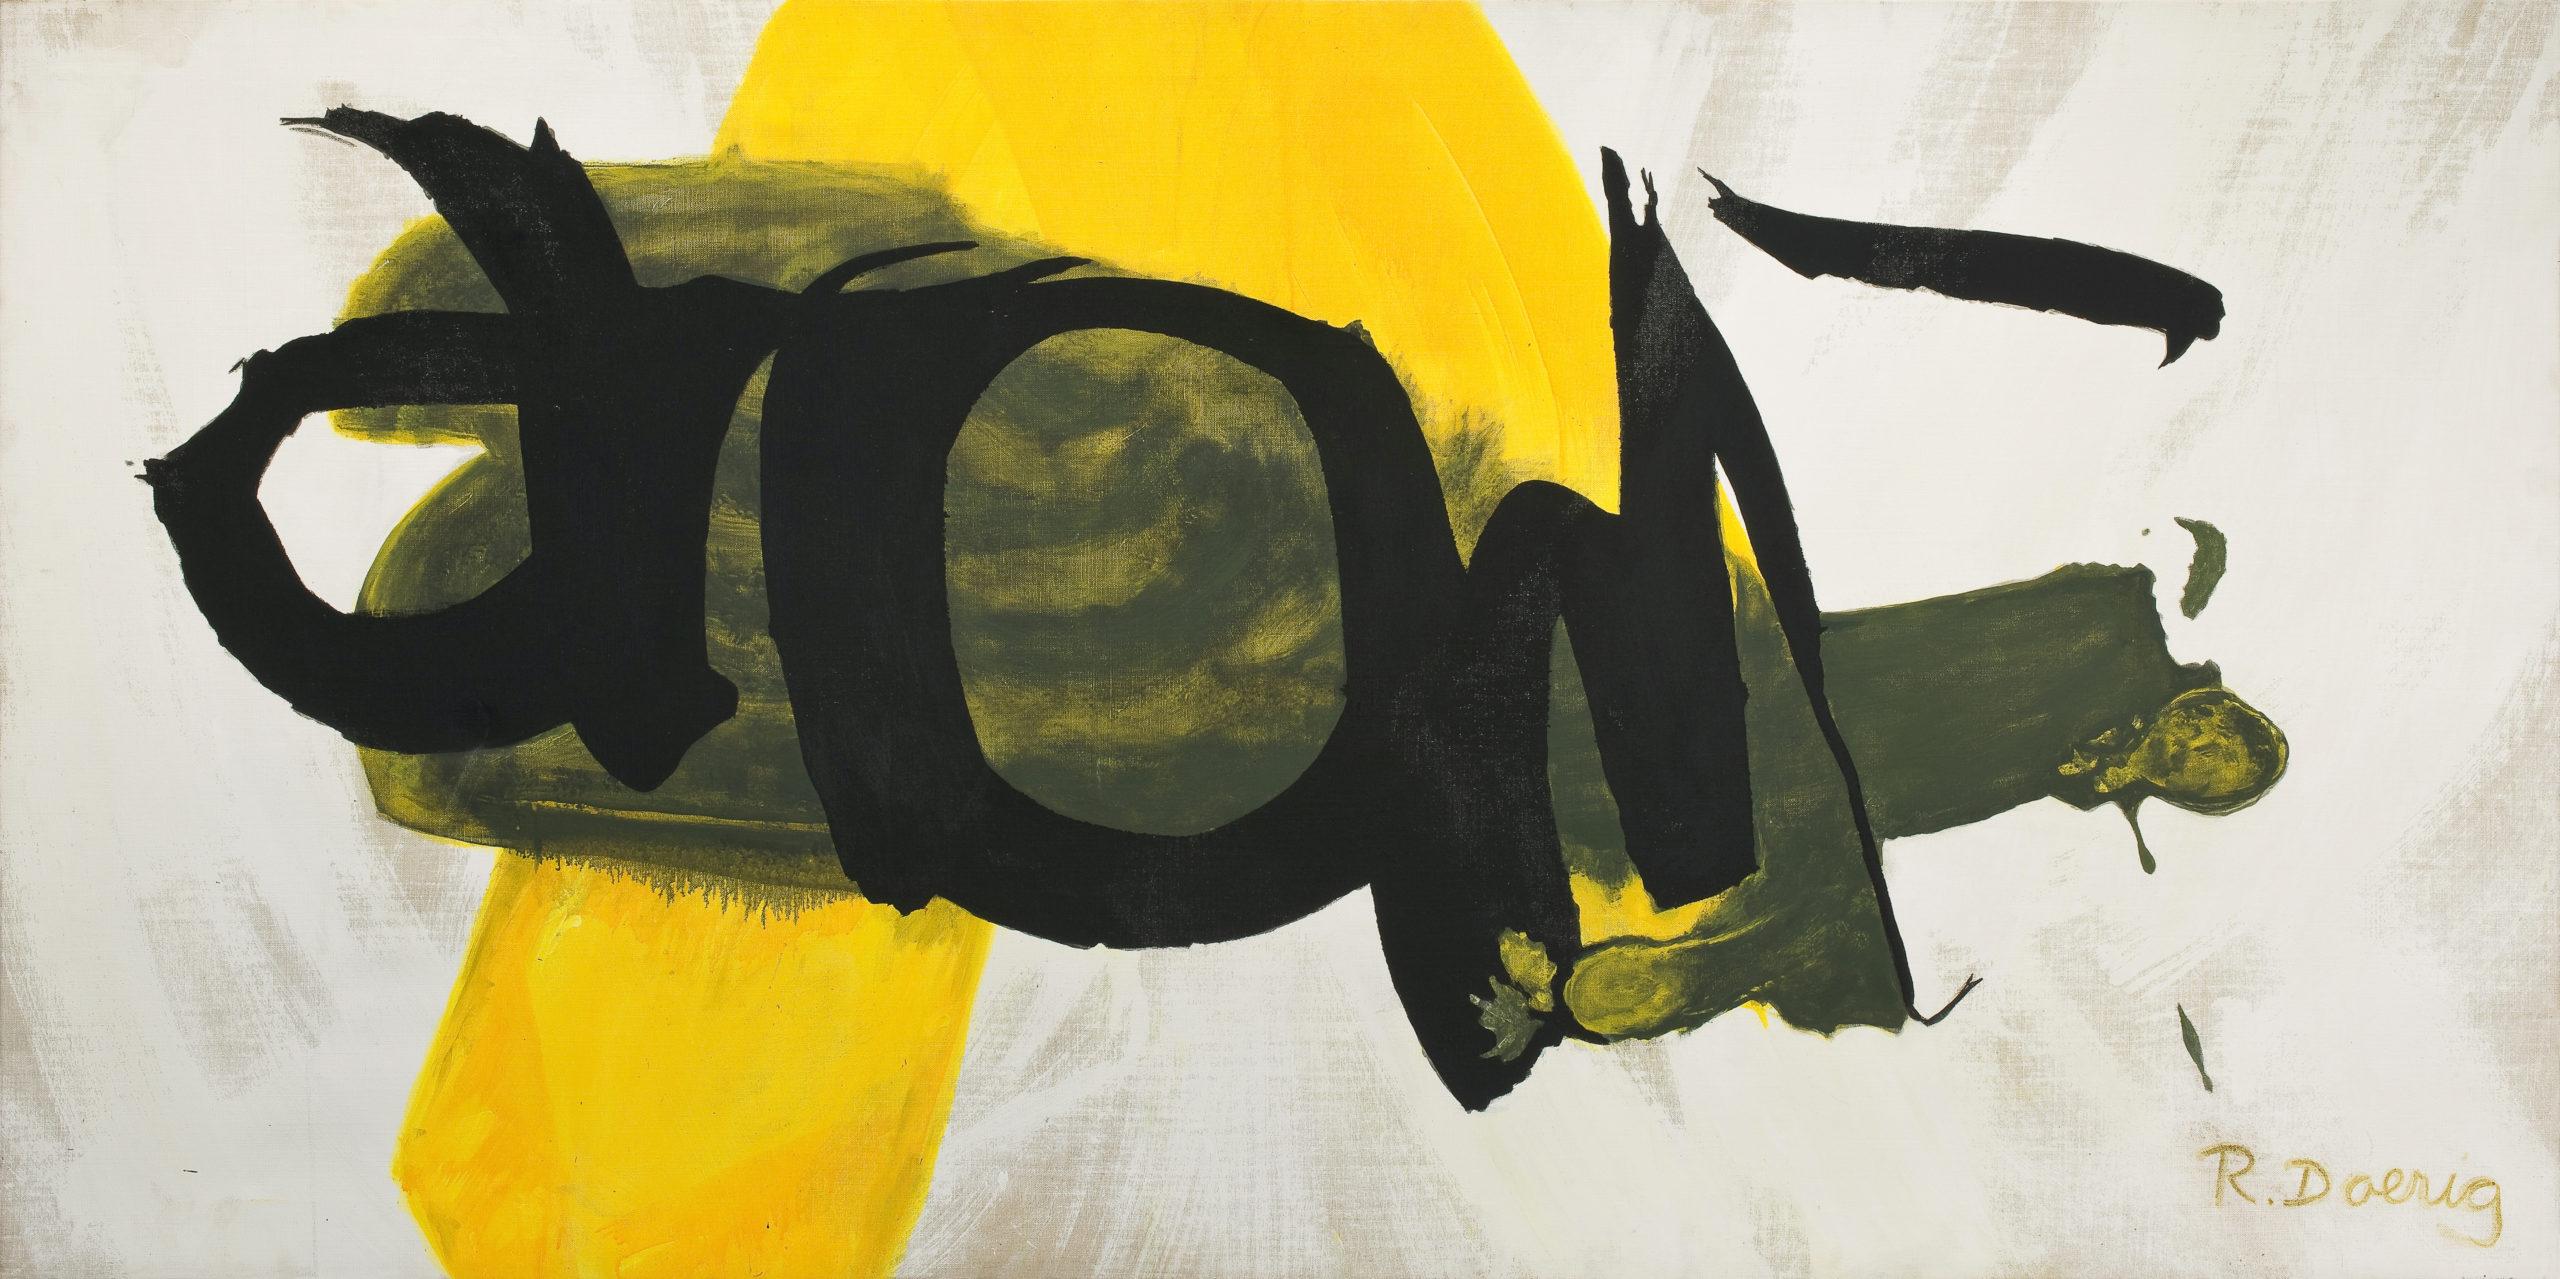 roswitha doerig - ecriture jaune 1992 acrylique